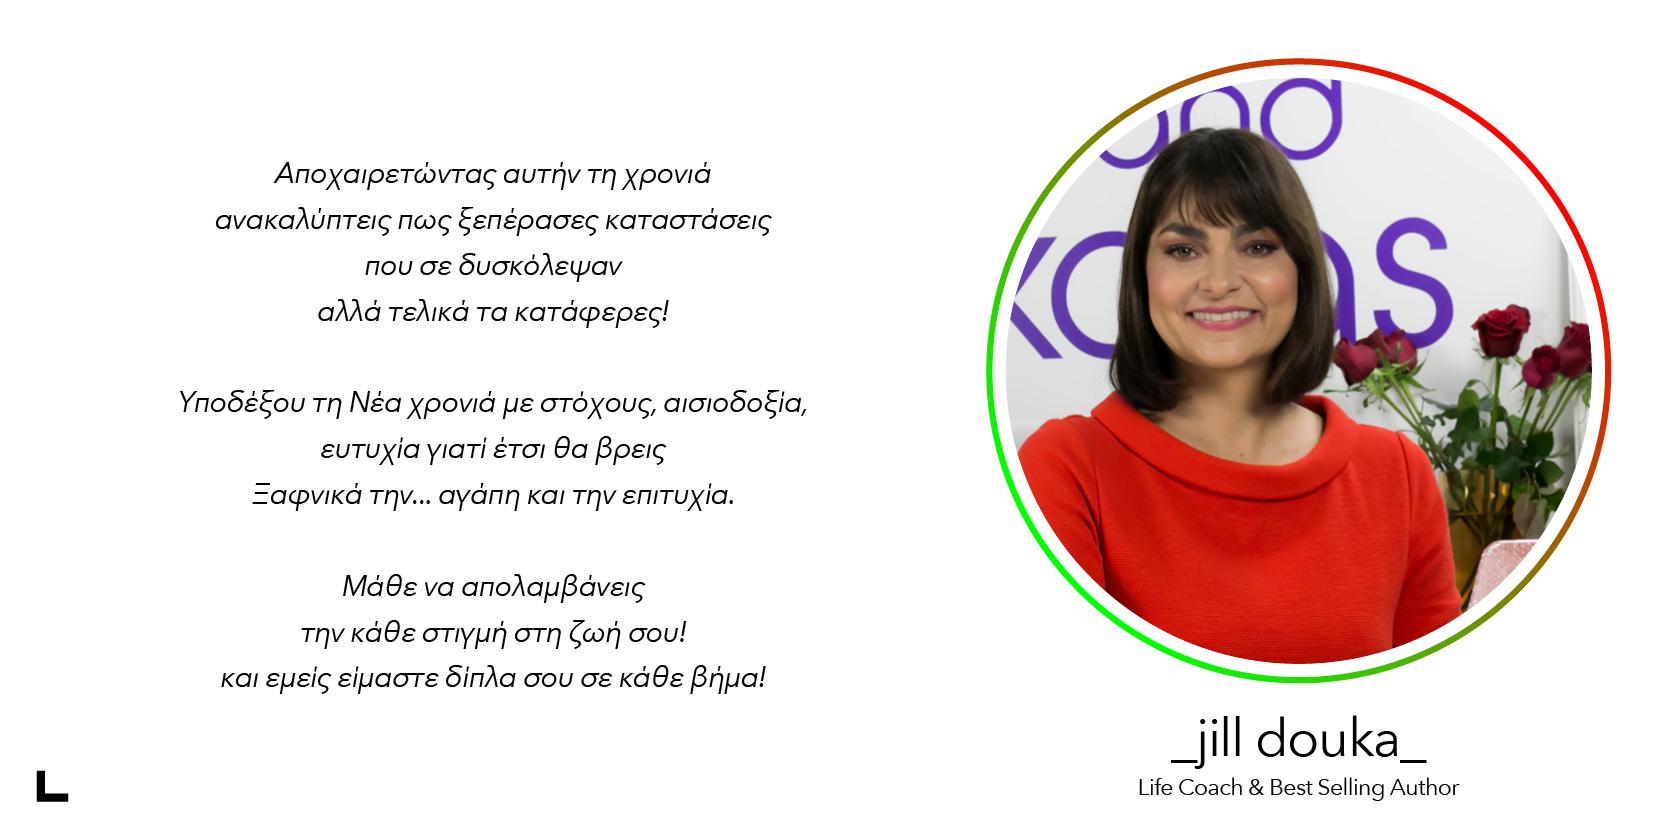 jill_douka